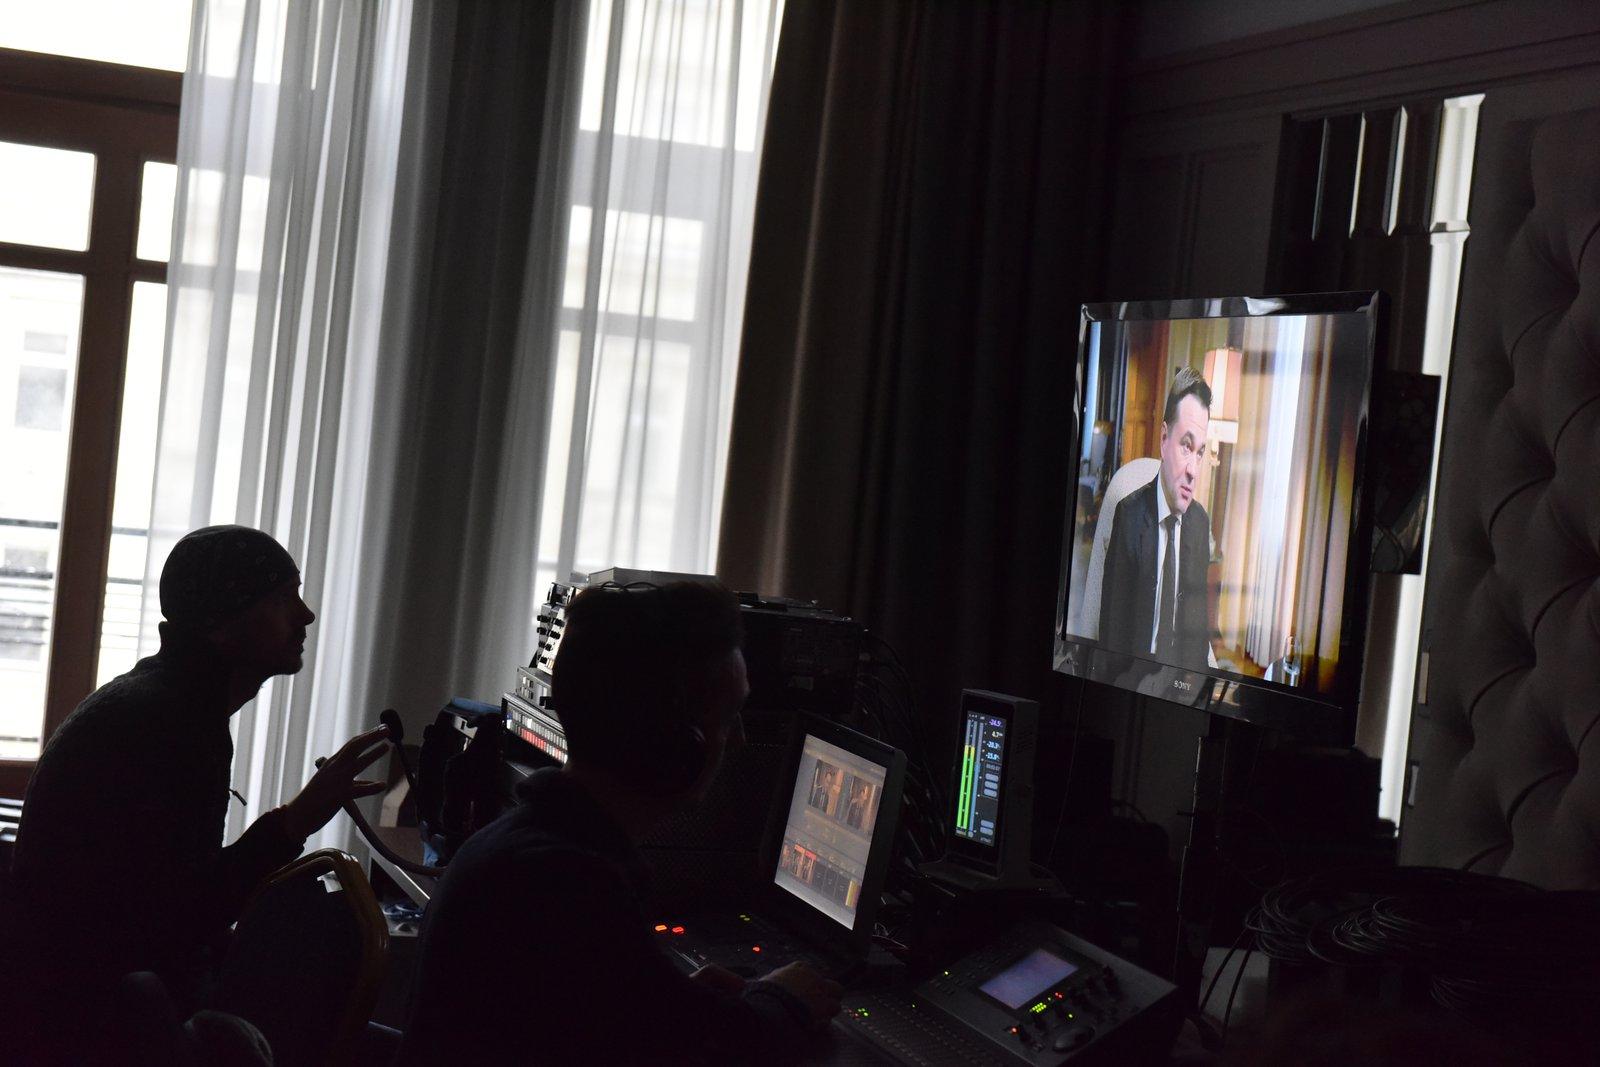 Андрей Воробьев губернатор московской области - «Мы работаем над тем, чтобы каждый год было круто отдыхать в Подмосковье». Интервью «России 24»